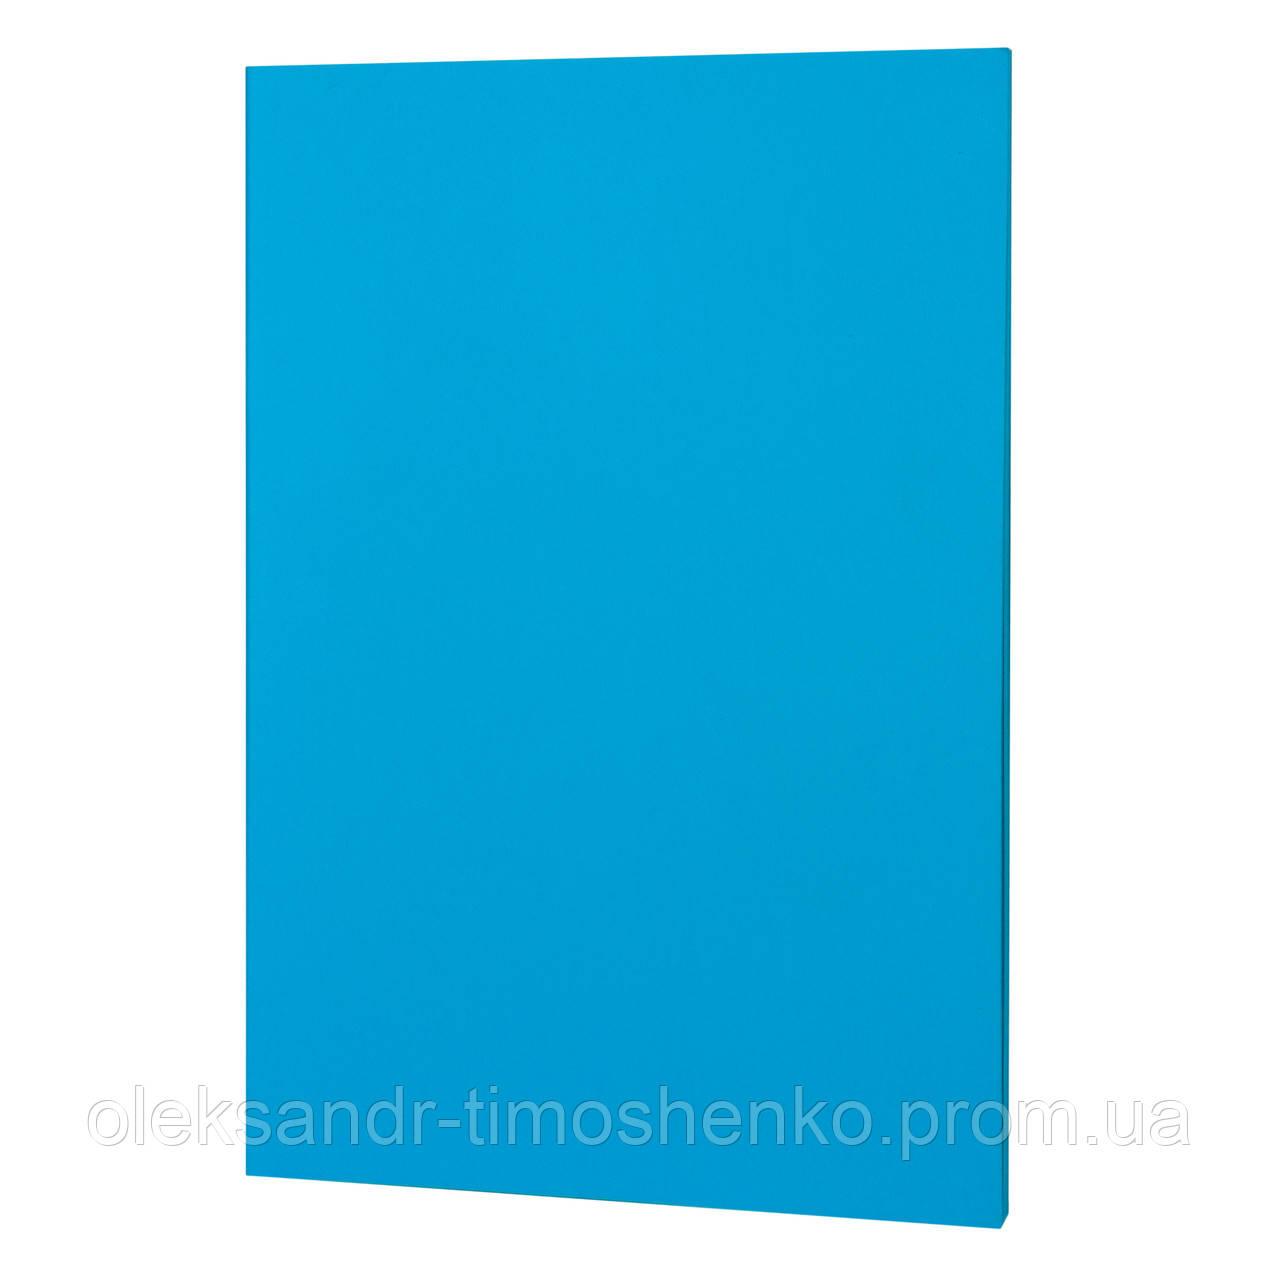 Блакитного цвета